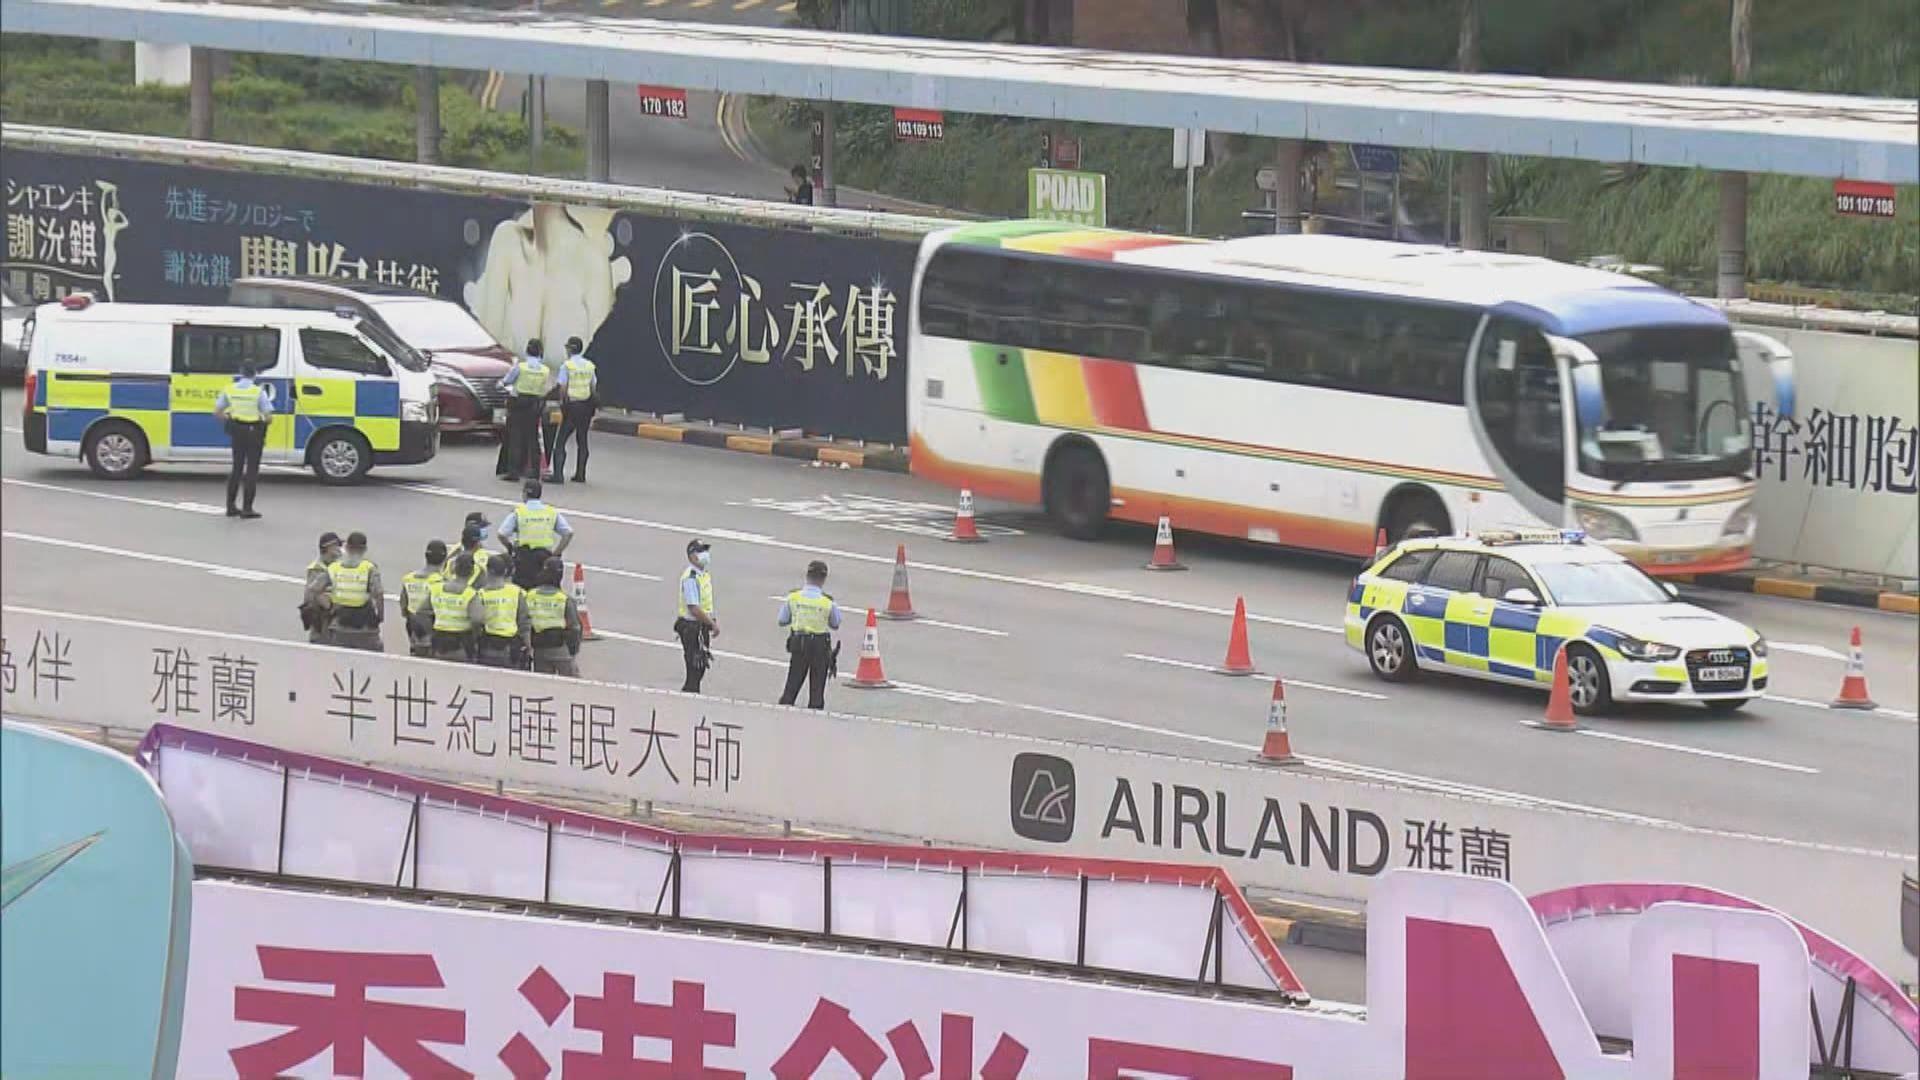 網民發起九龍大遊行 警方紅磡紅隧口截查車輛